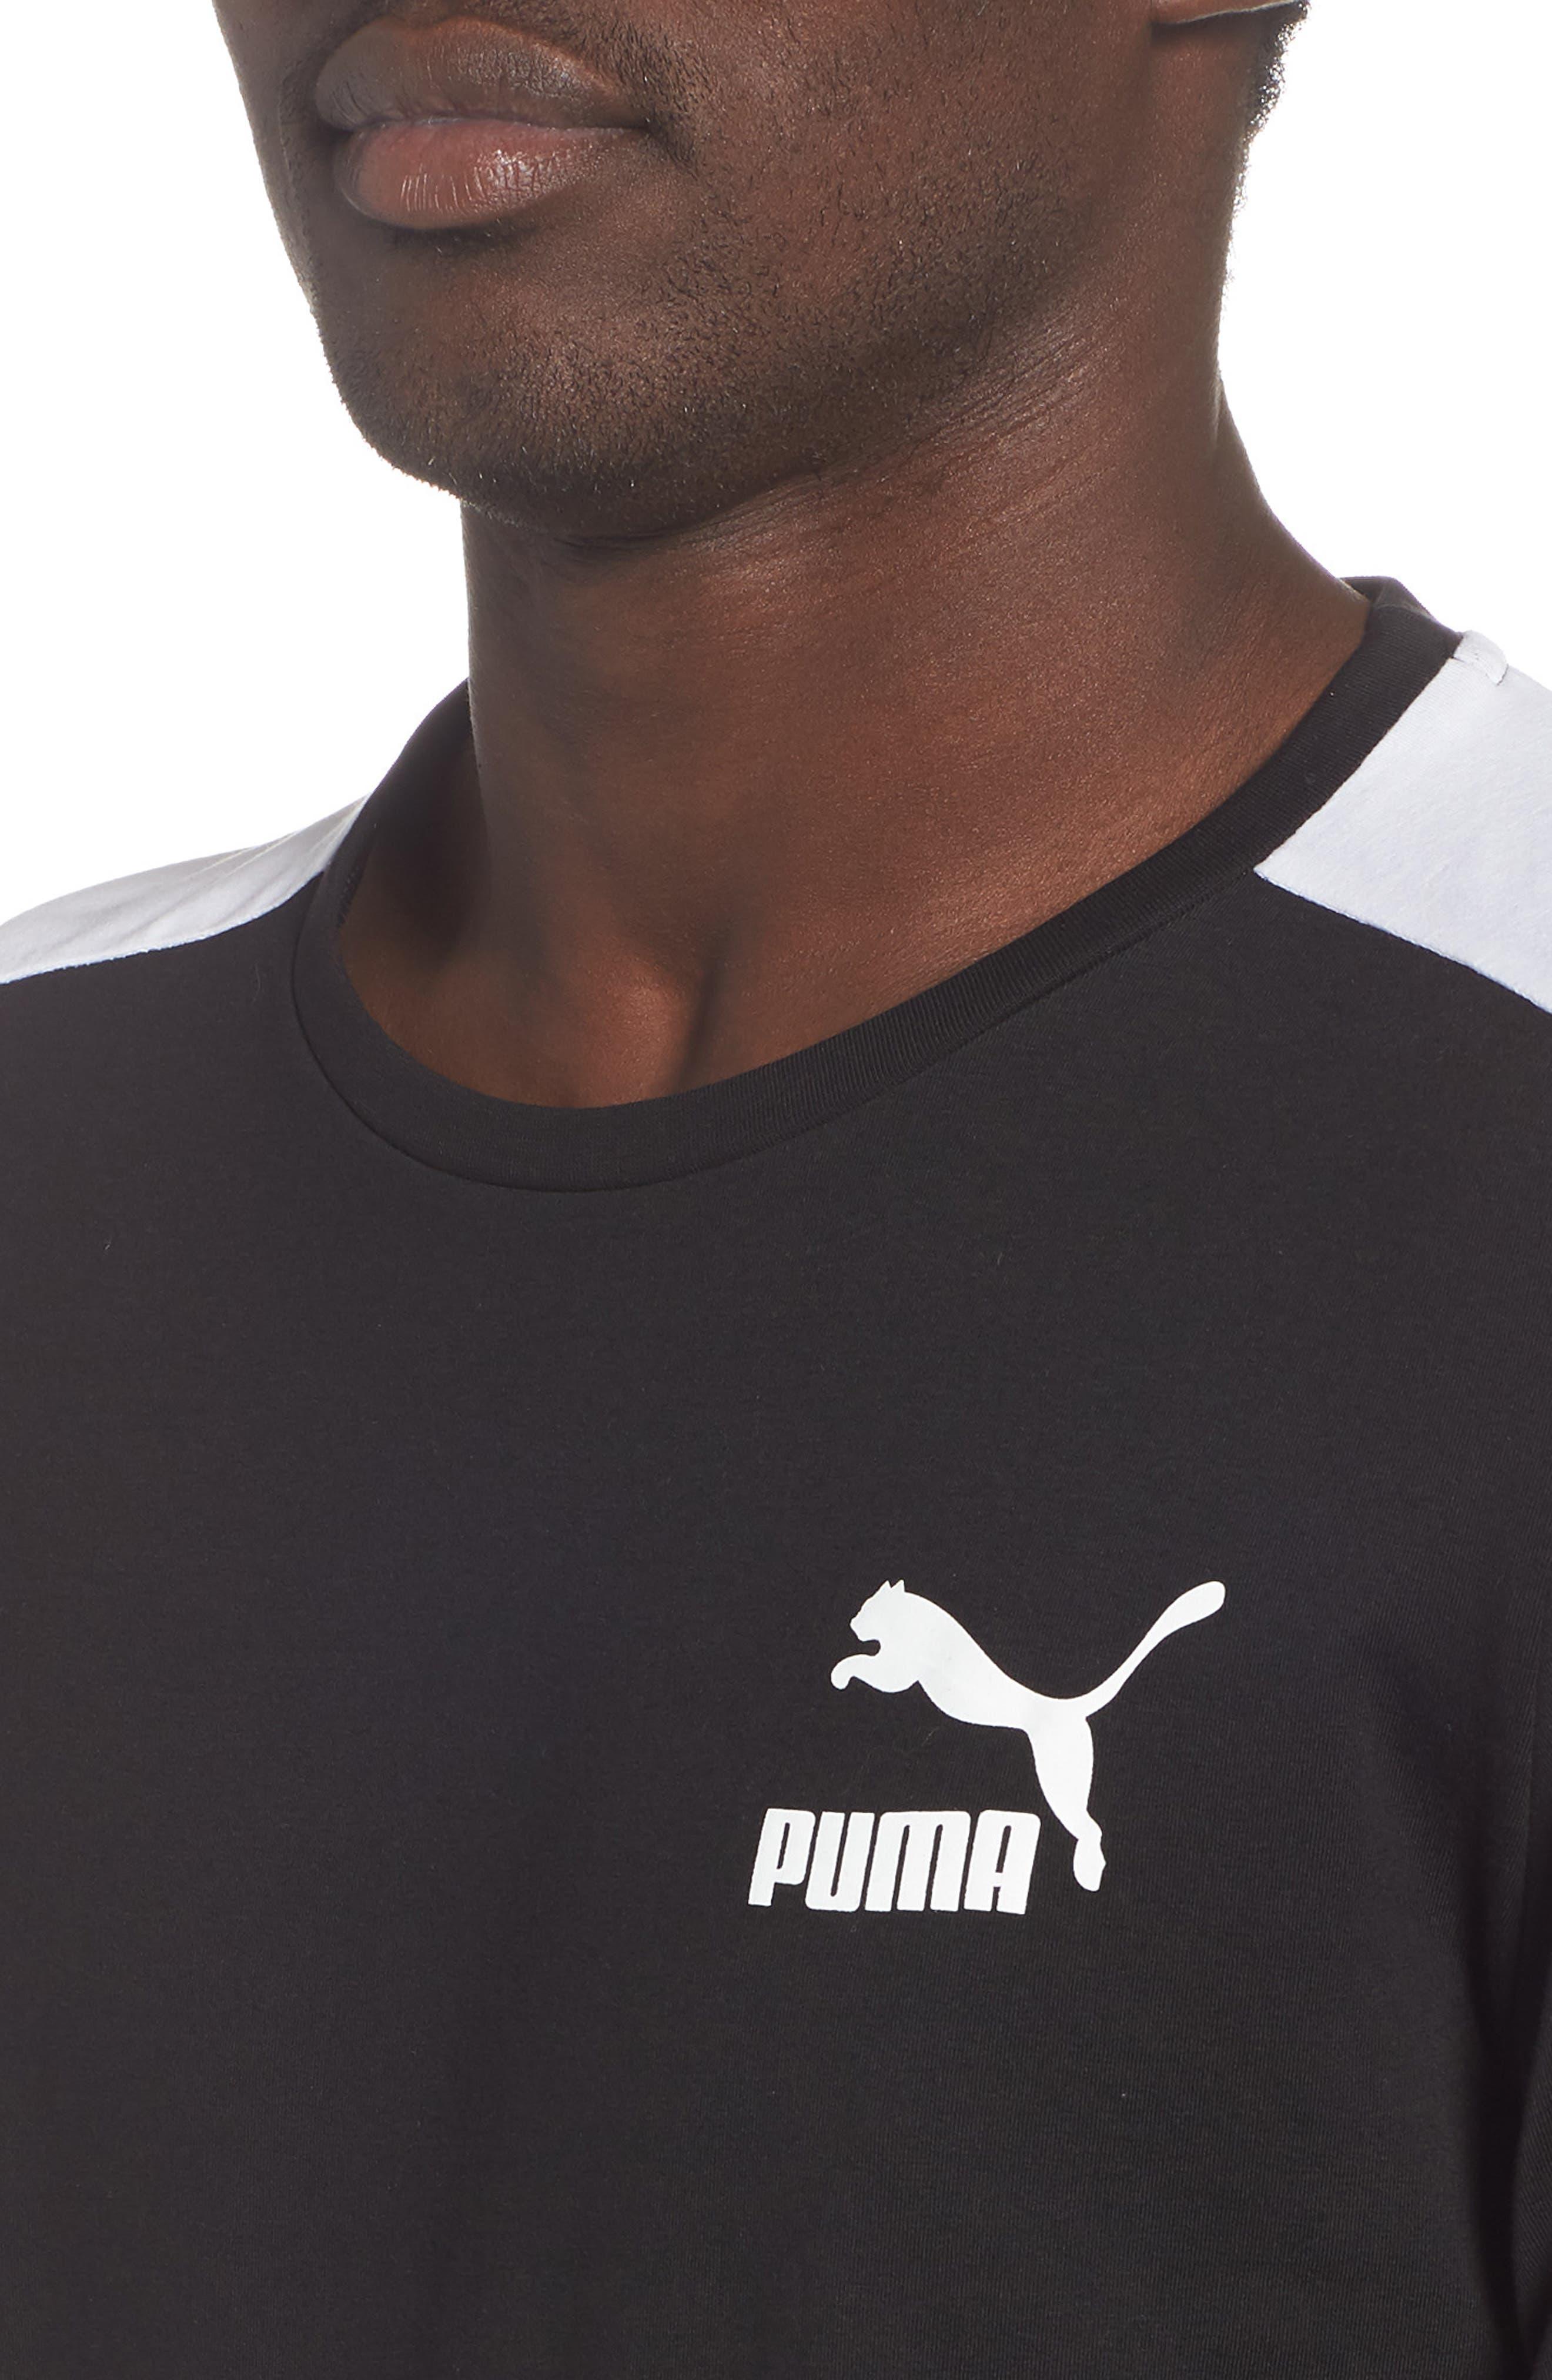 Slim fit Classics T7 T-Shirt,                             Alternate thumbnail 4, color,                             BLACK